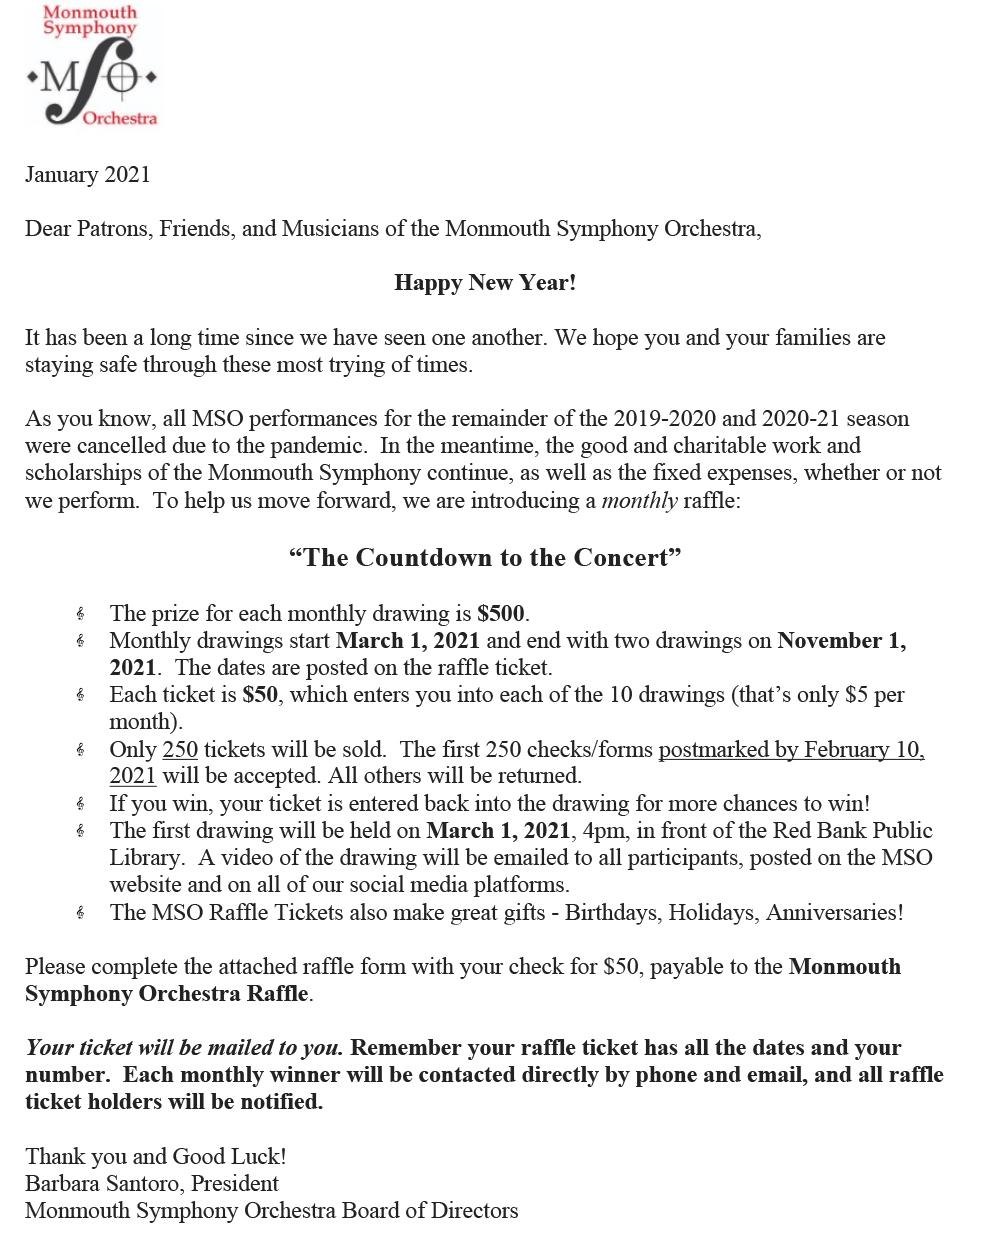 MSO-Raffle-info-letter-2021-BN